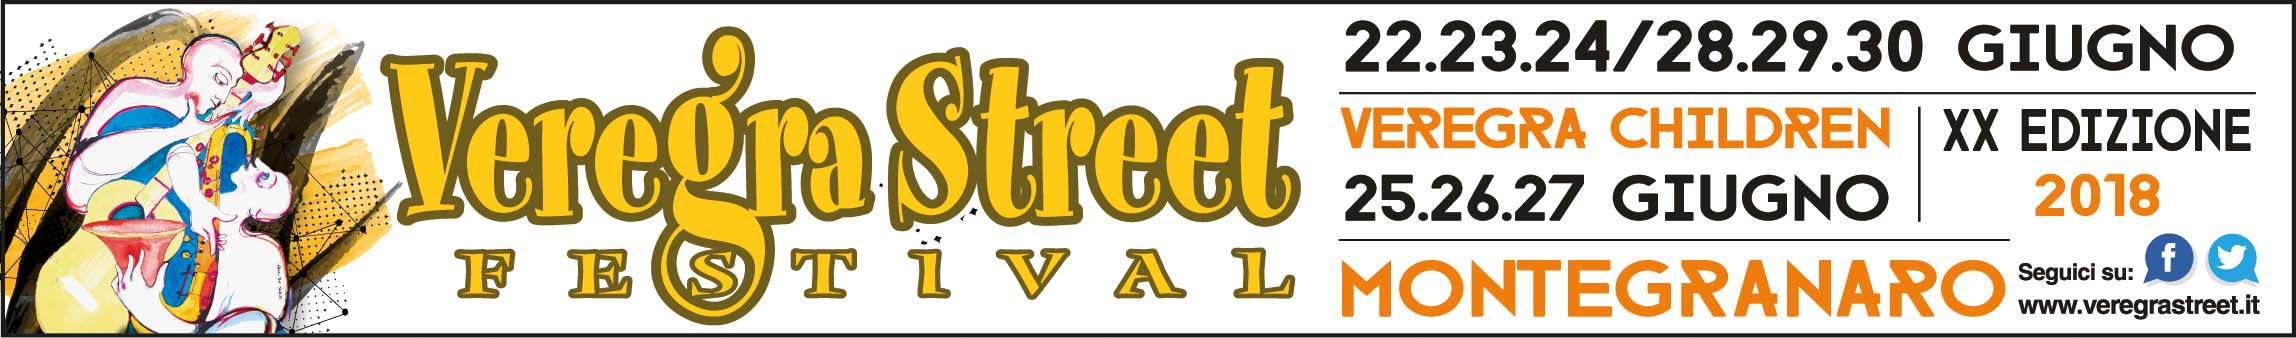 Veregra street 2018